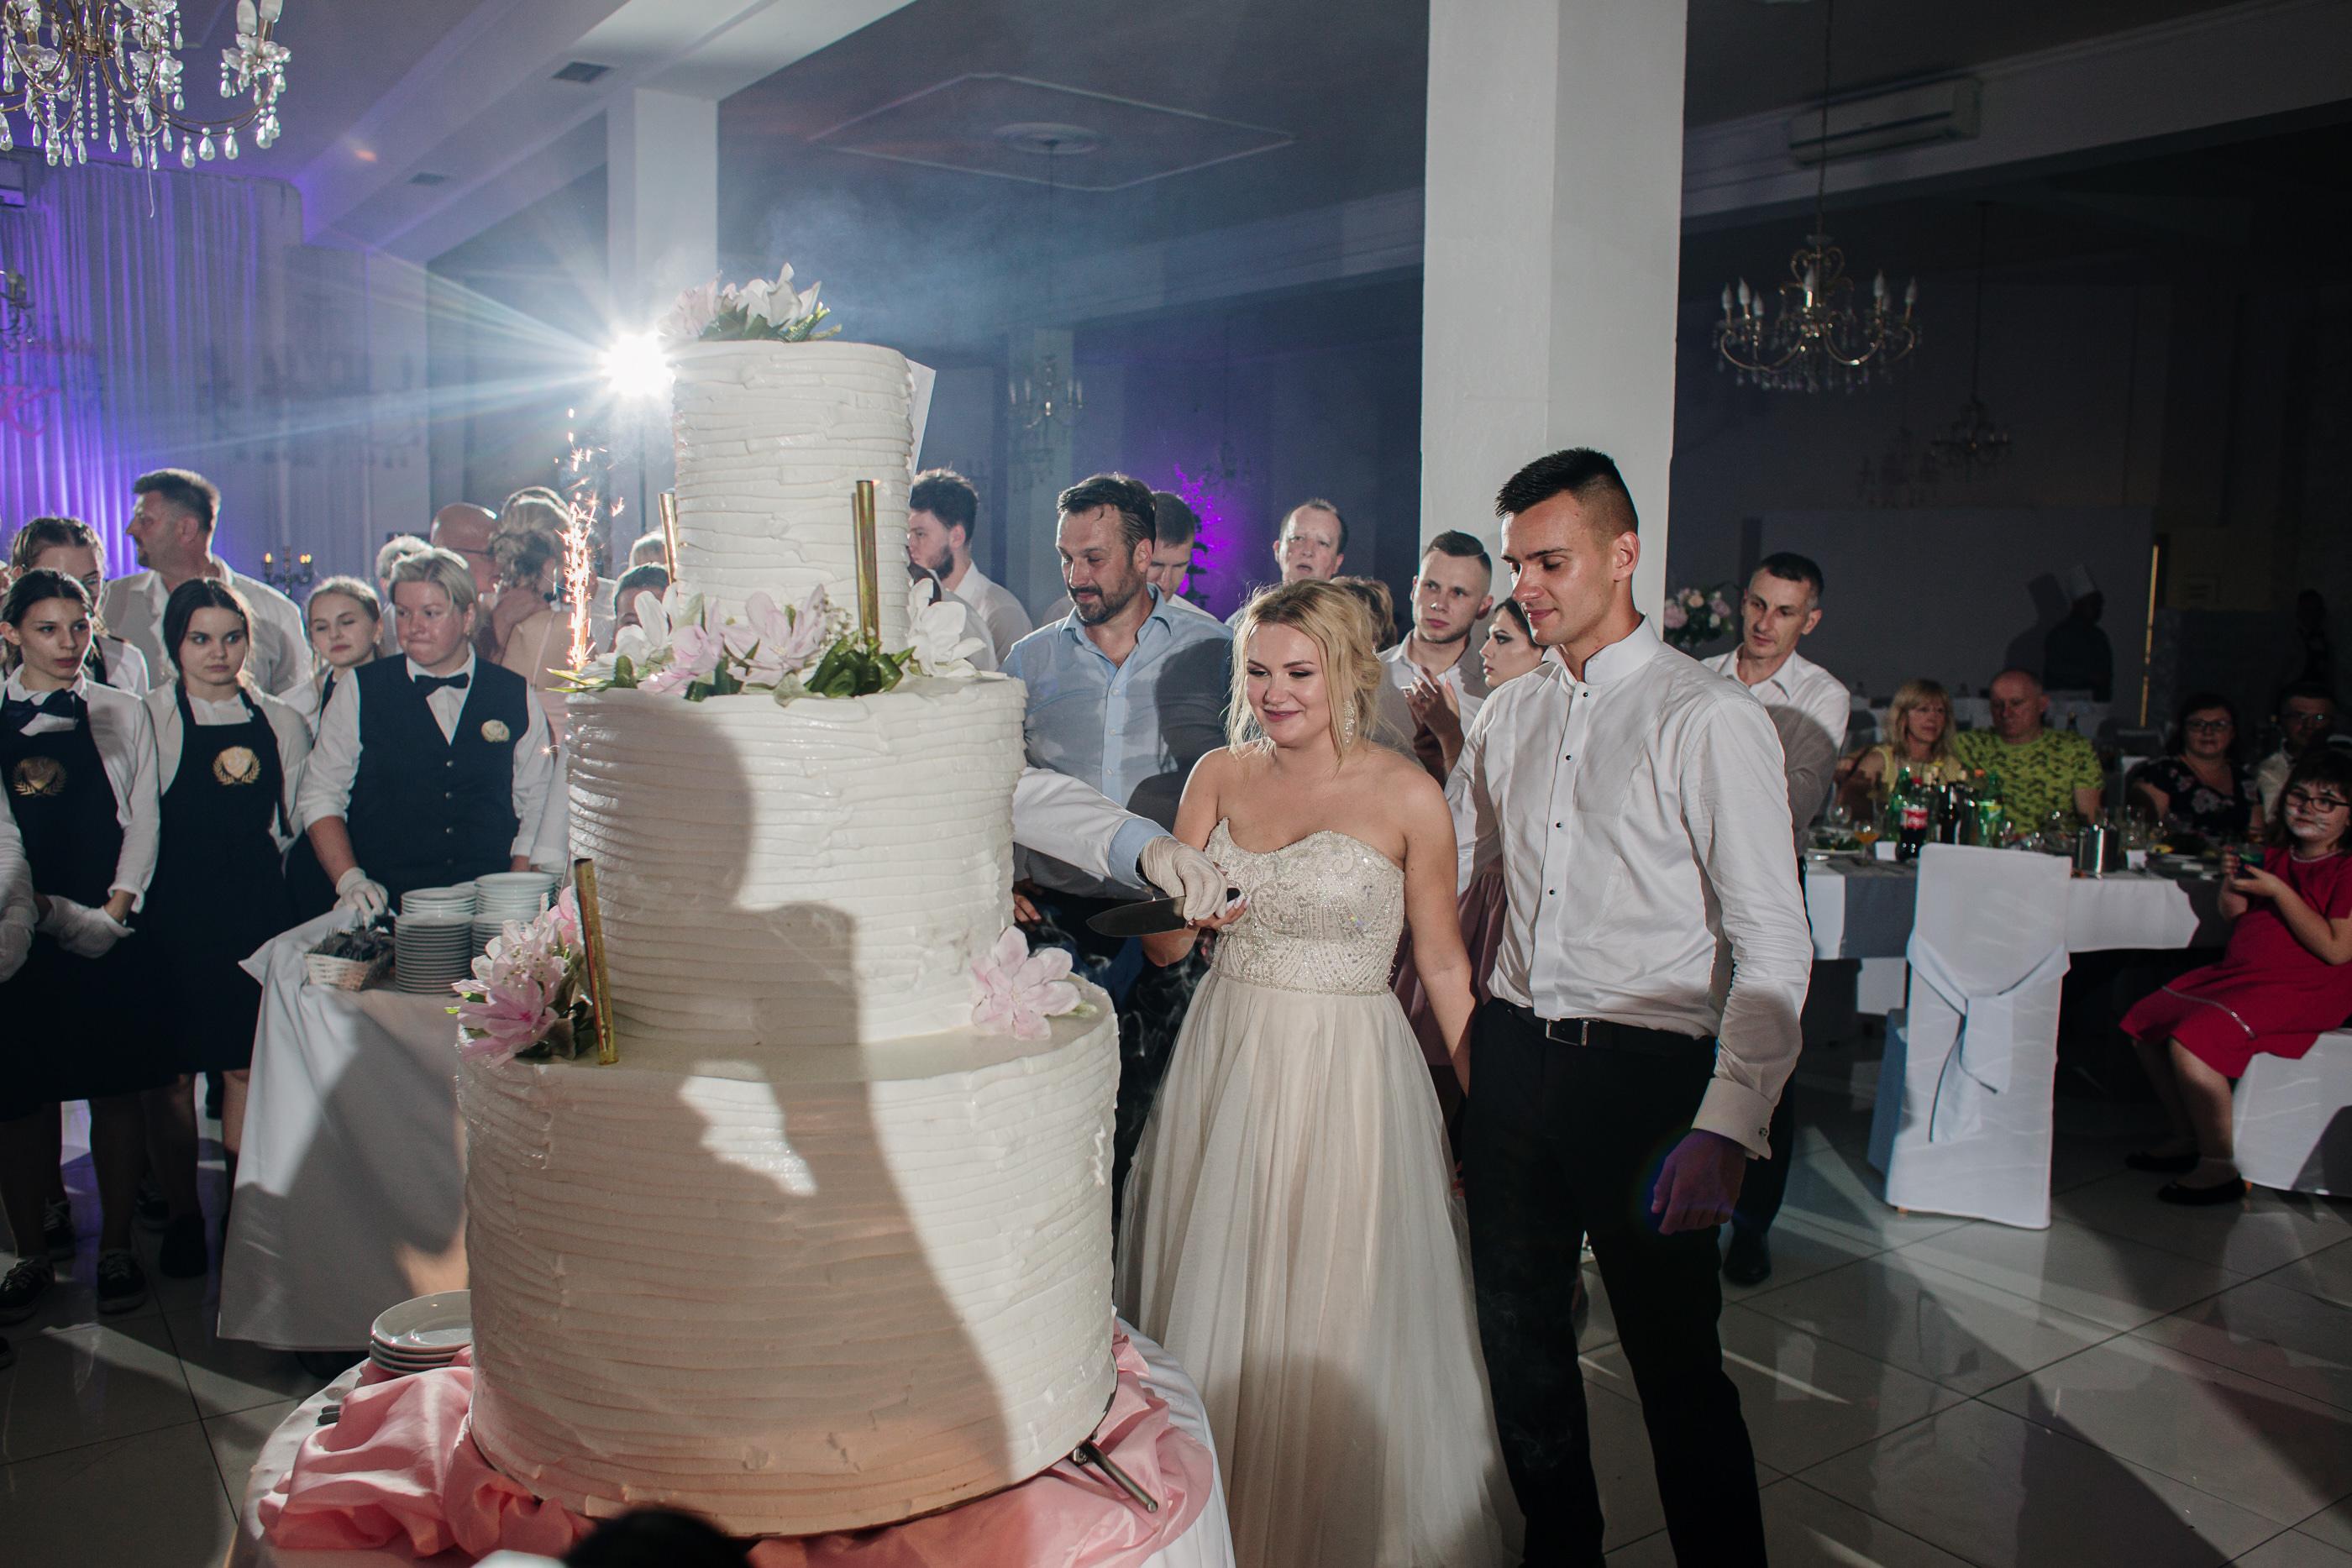 Sala u Artura zielonka fotograf ślubny